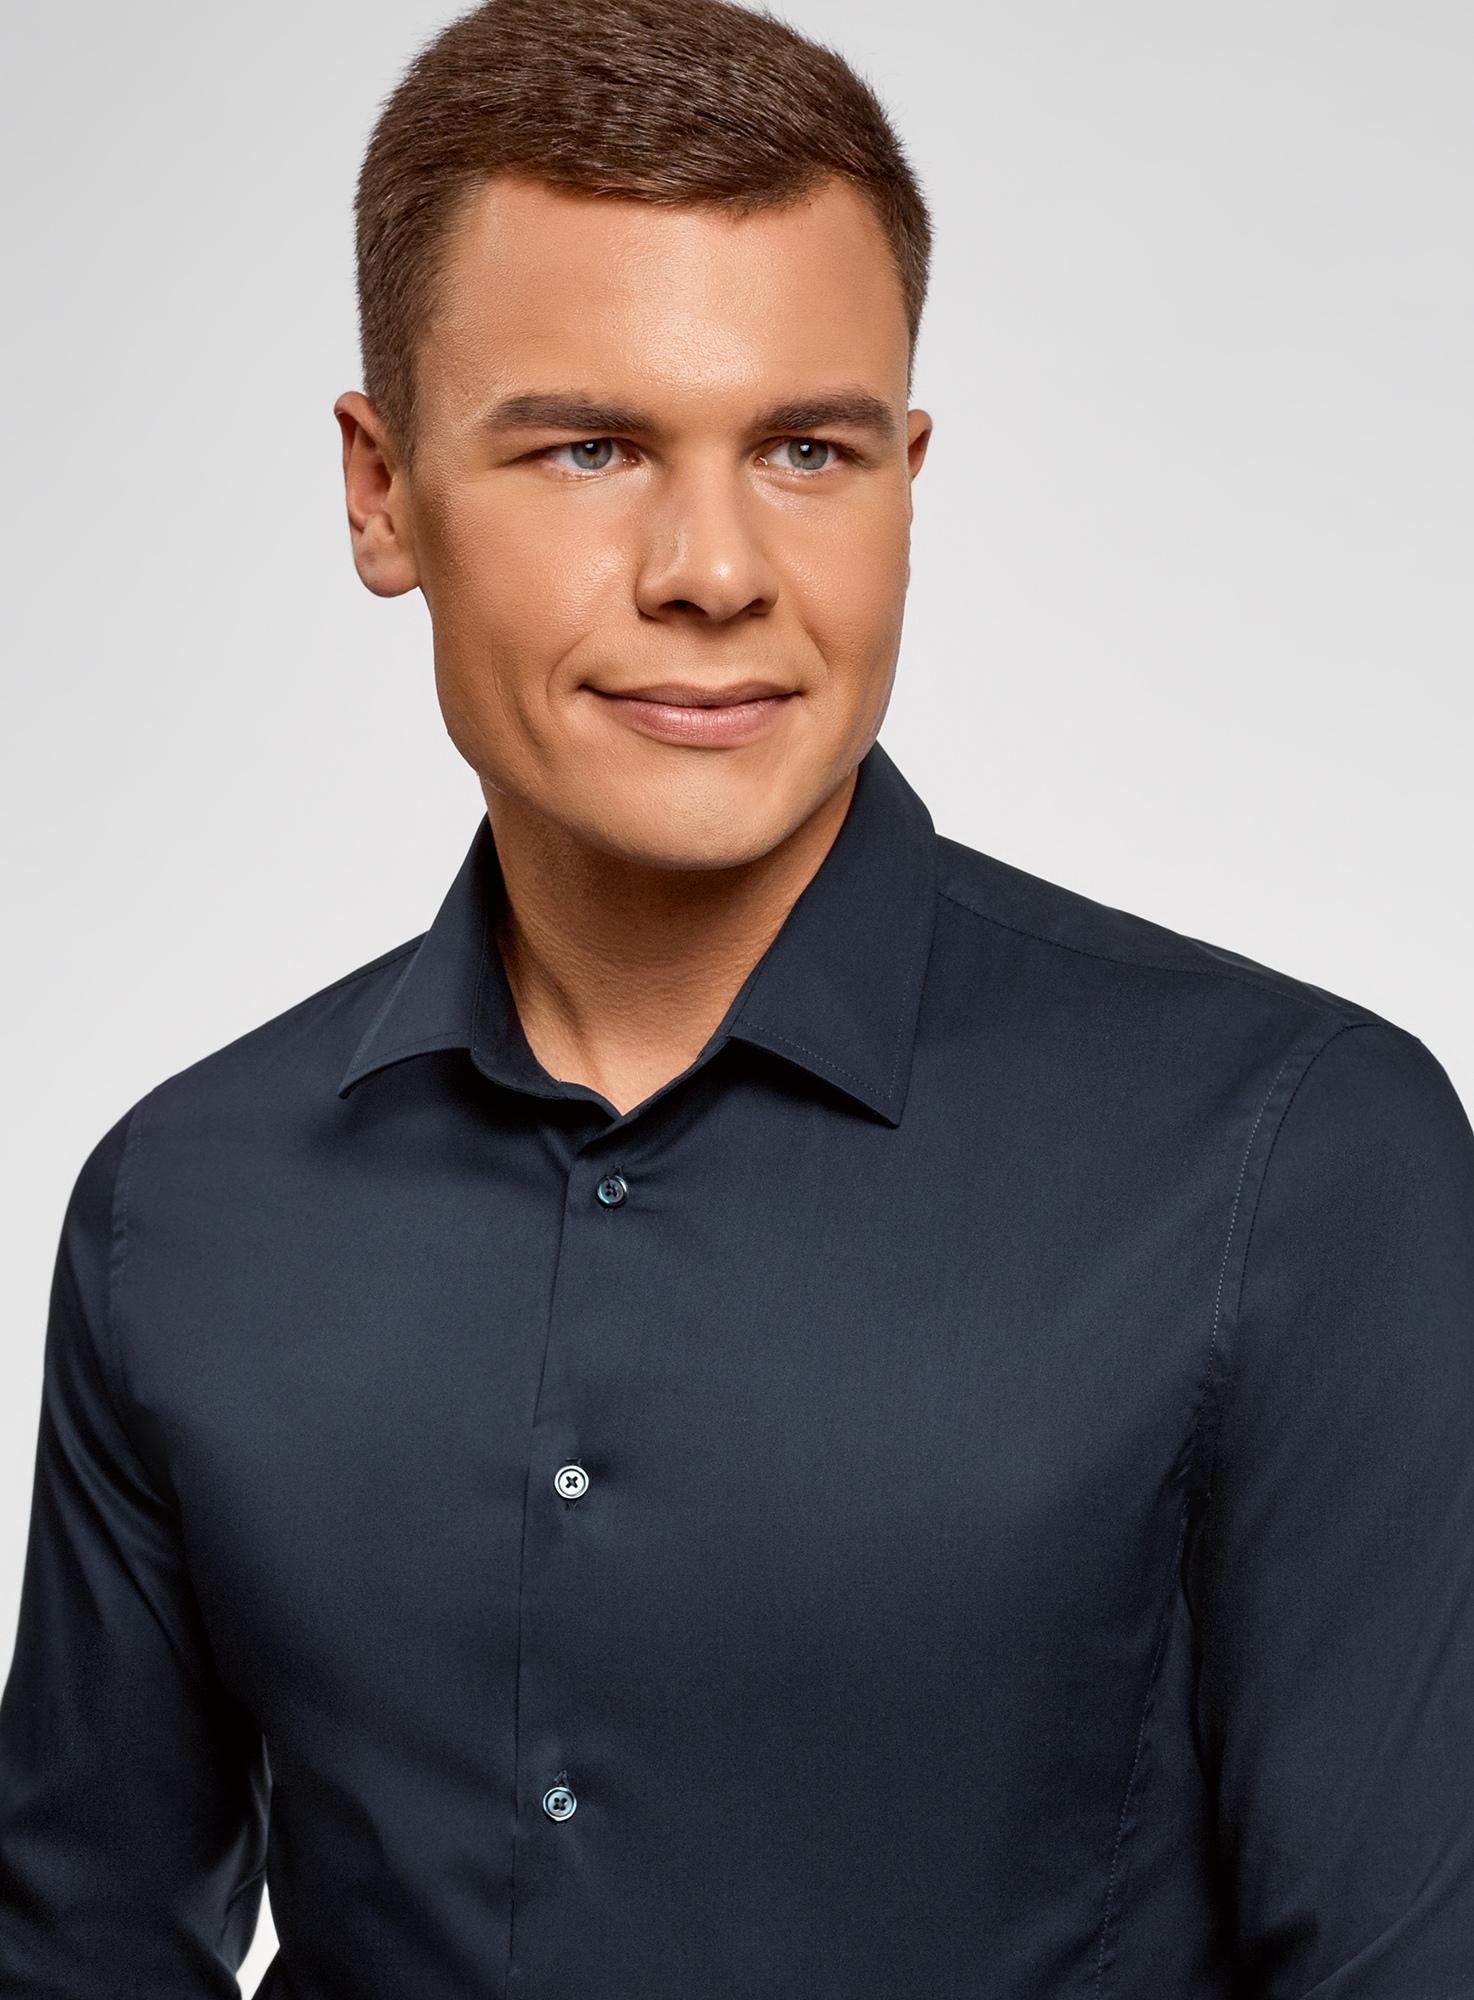 Рубашка базовая приталенная oodji для мужчины (синий), 3B140000M/34146N/7900N